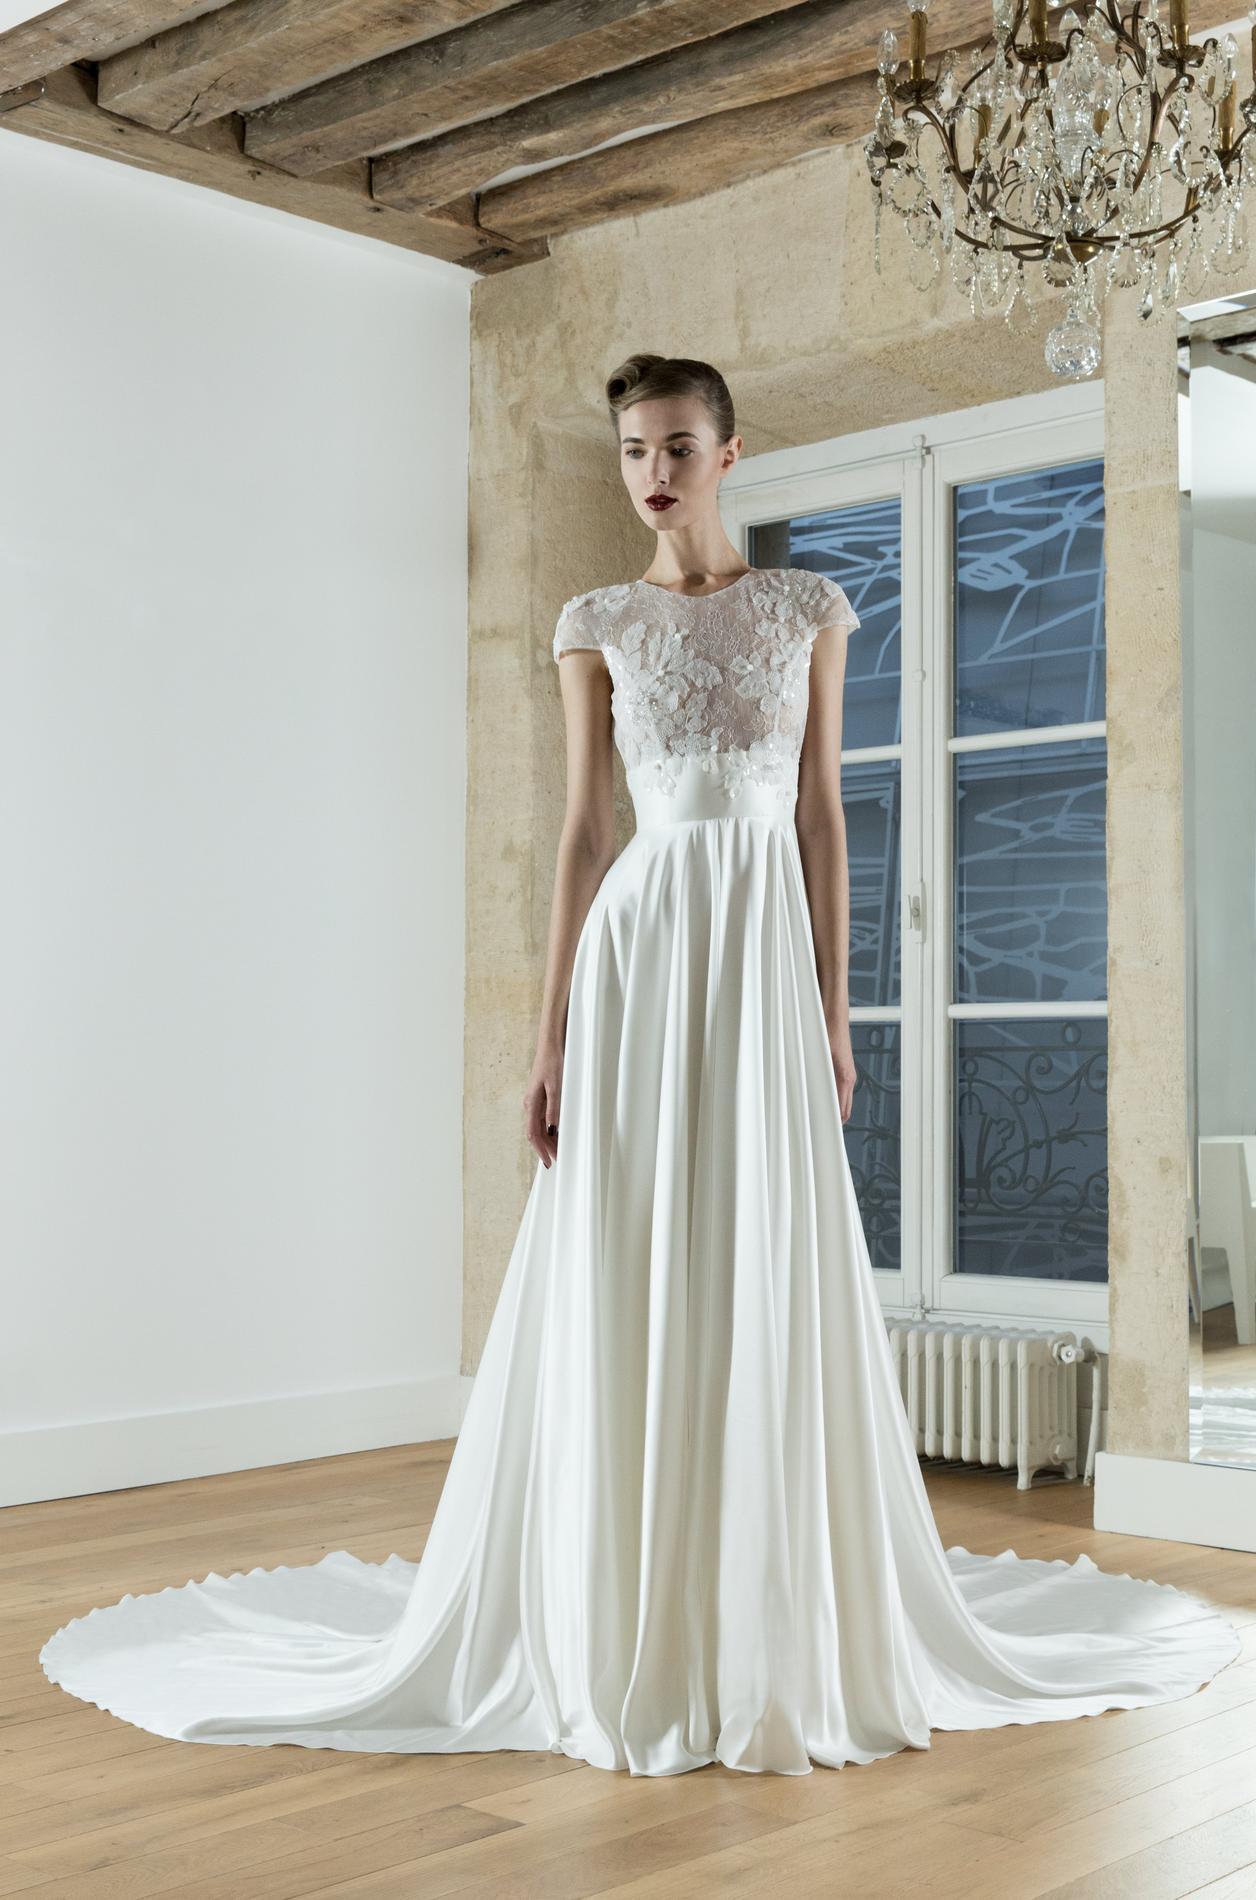 Les collections robes de mariée 2018 , Danilo Fedrighi Paris